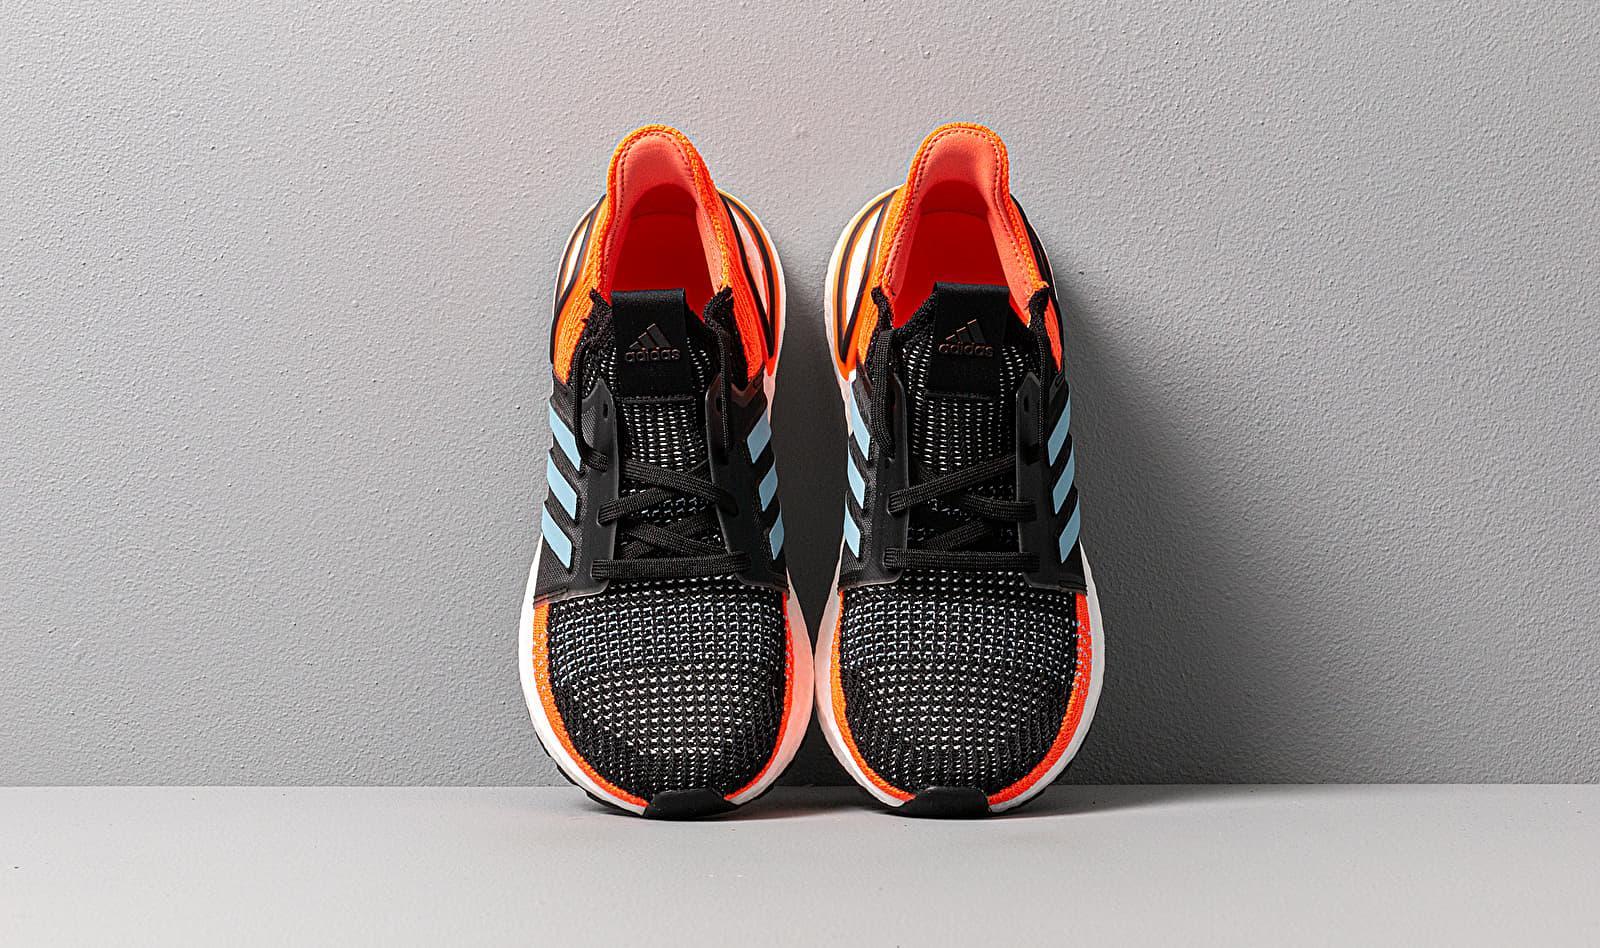 Adidas UltraBOOST 19 W Core Black/ Glow Blue/ Hi-Res Coral adidas Originals de color Naranja